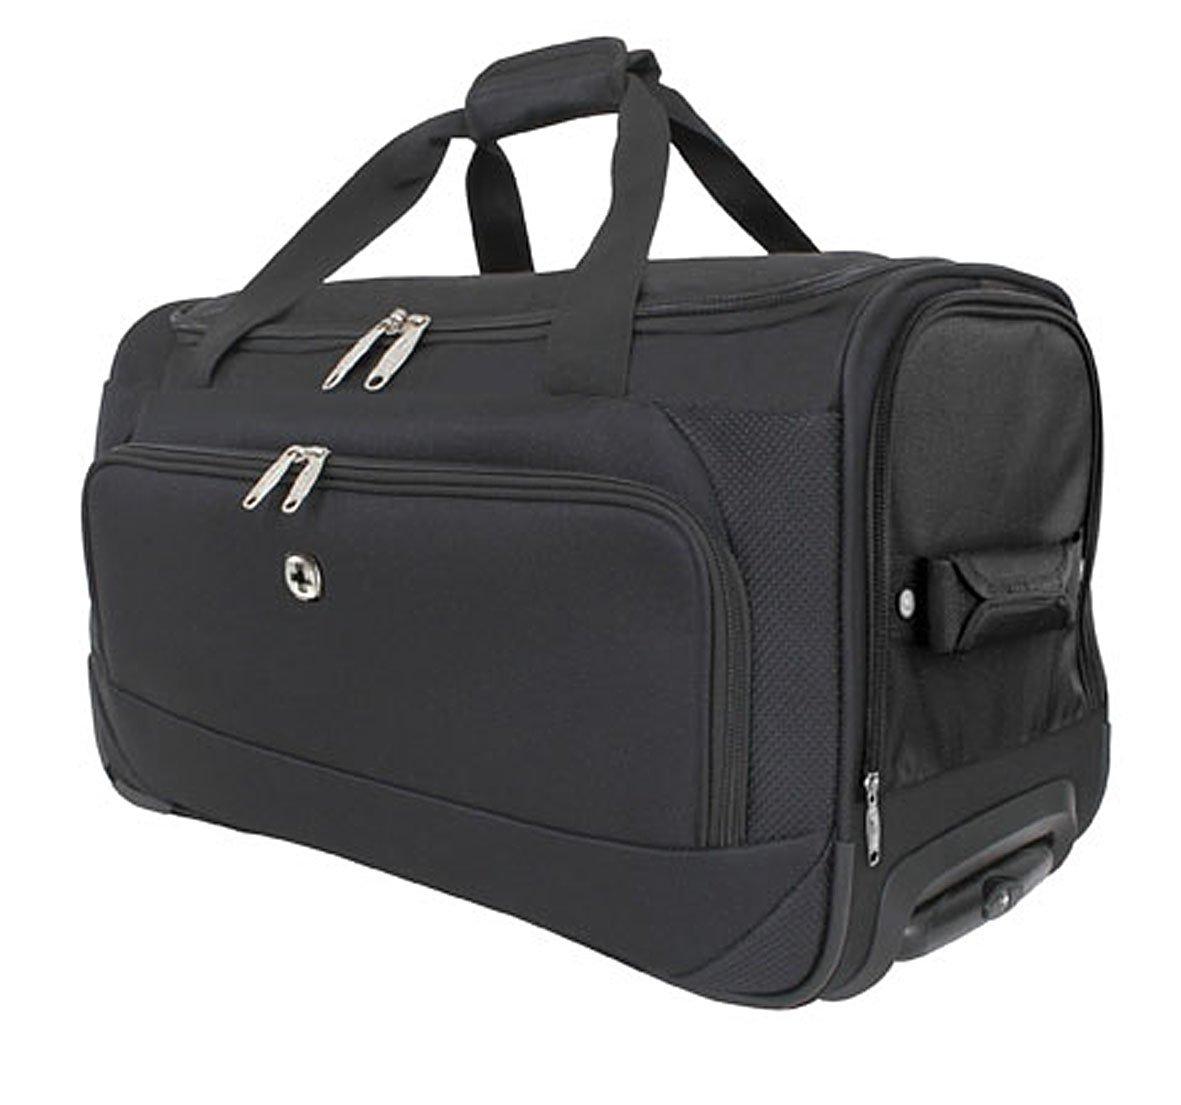 9ba09a9037d25 Wenger Reisetasche mit zwei Rollen in Schwarz ++